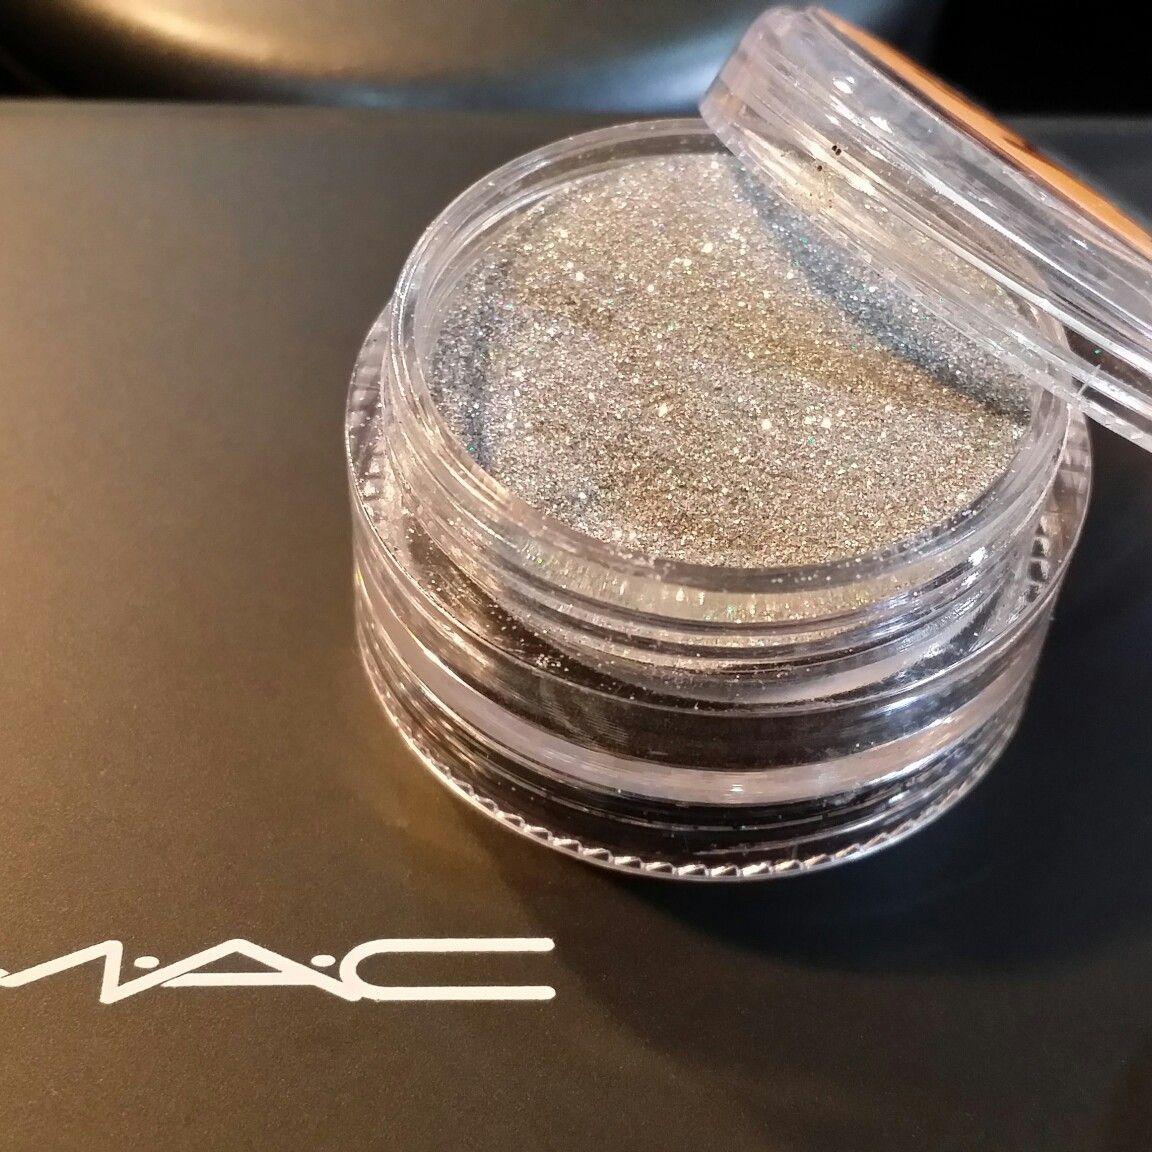 Pigmento Mac (fração), muito lindo.....